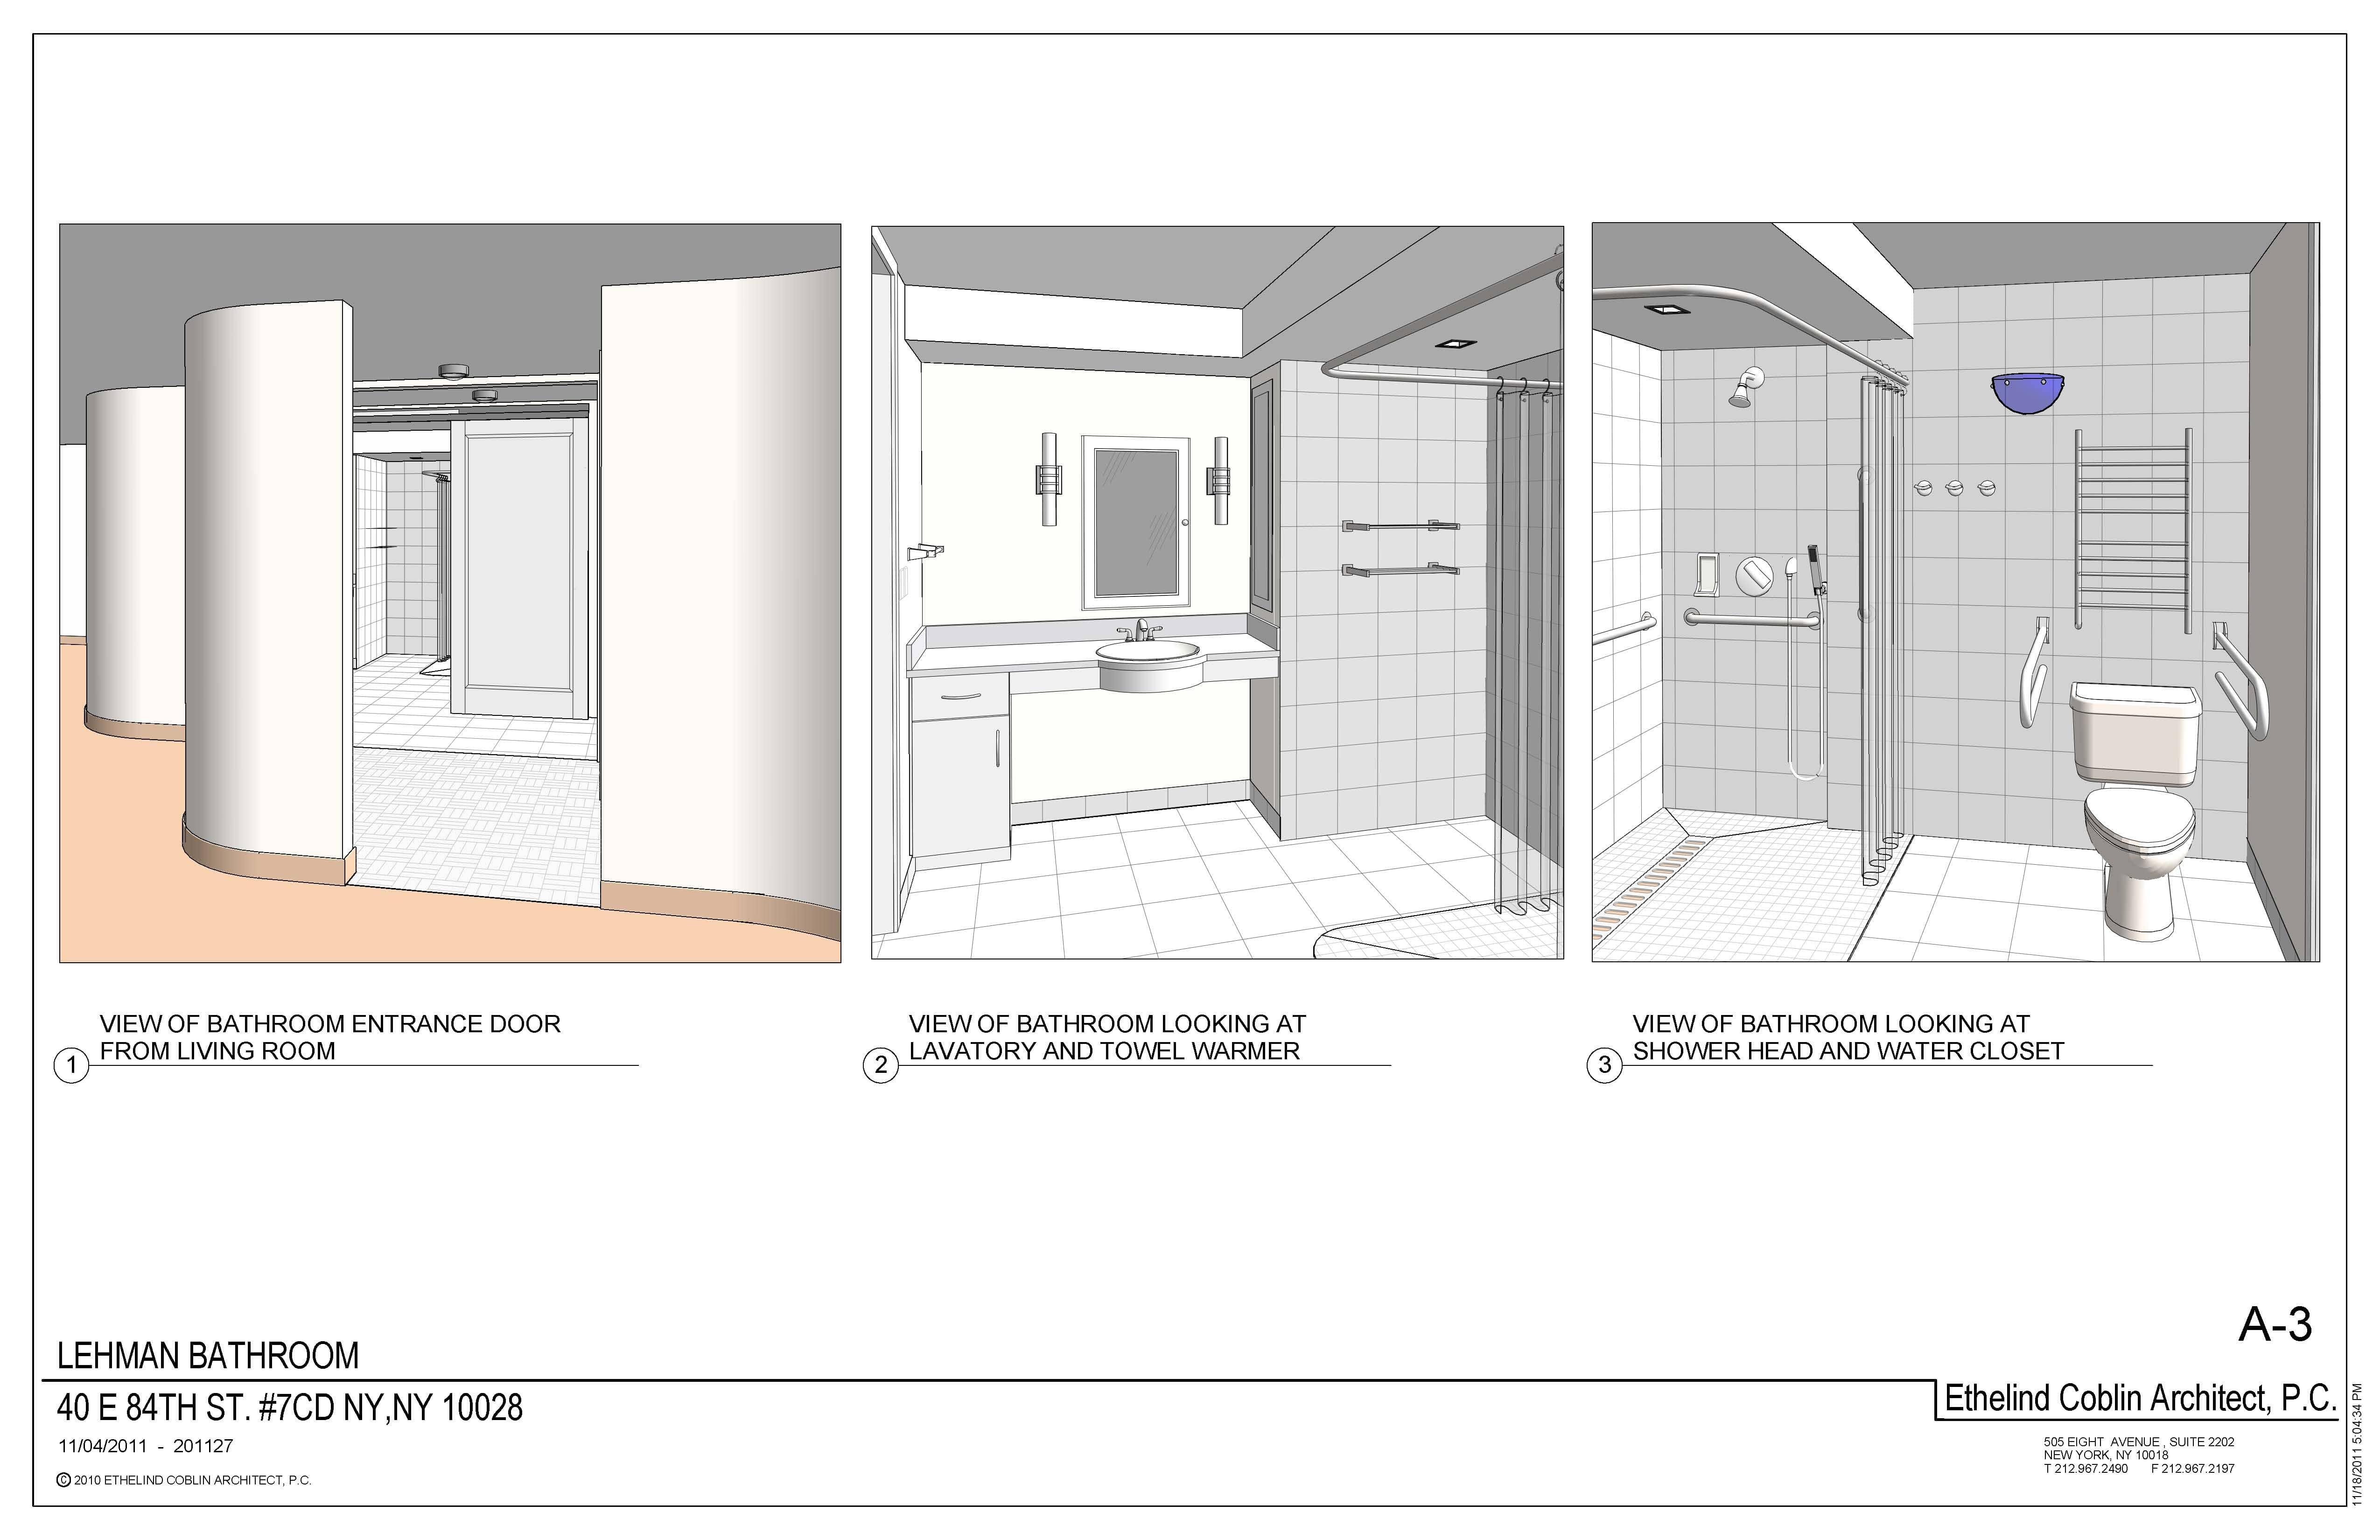 Rendering of inclusive restroom.